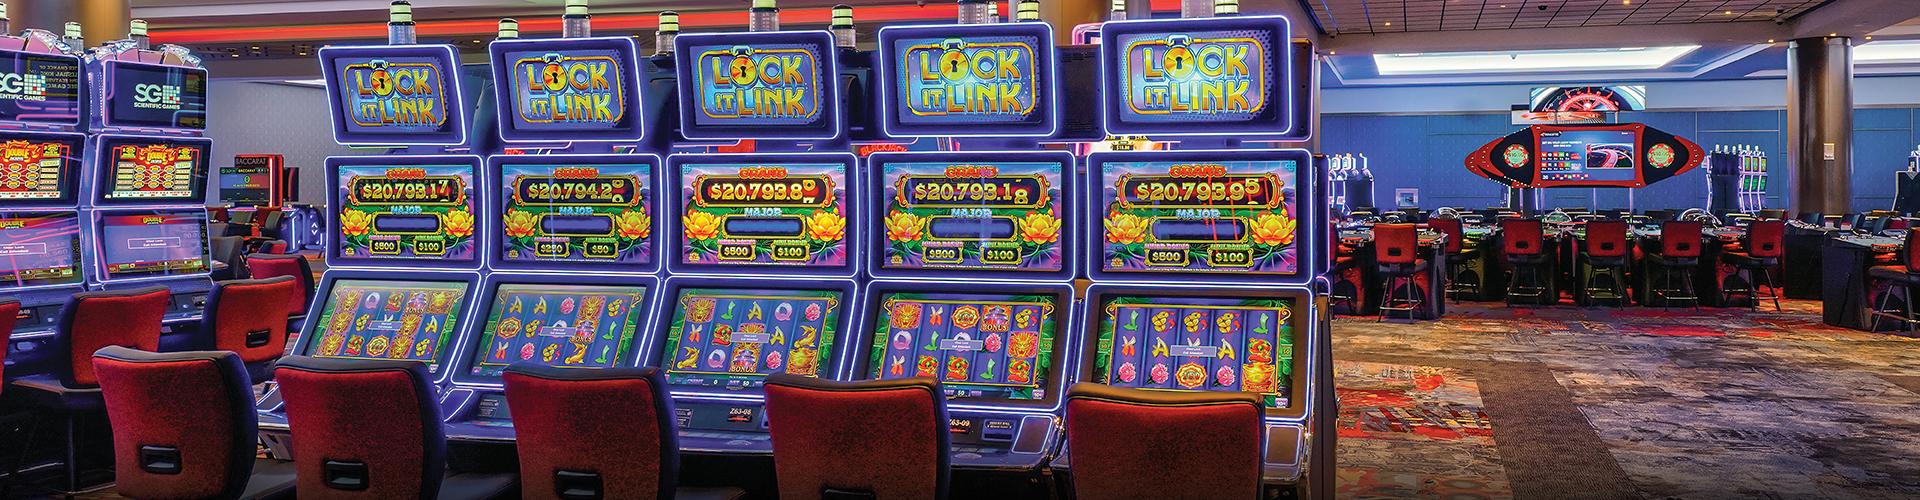 Resorts World NYC Slot Machines